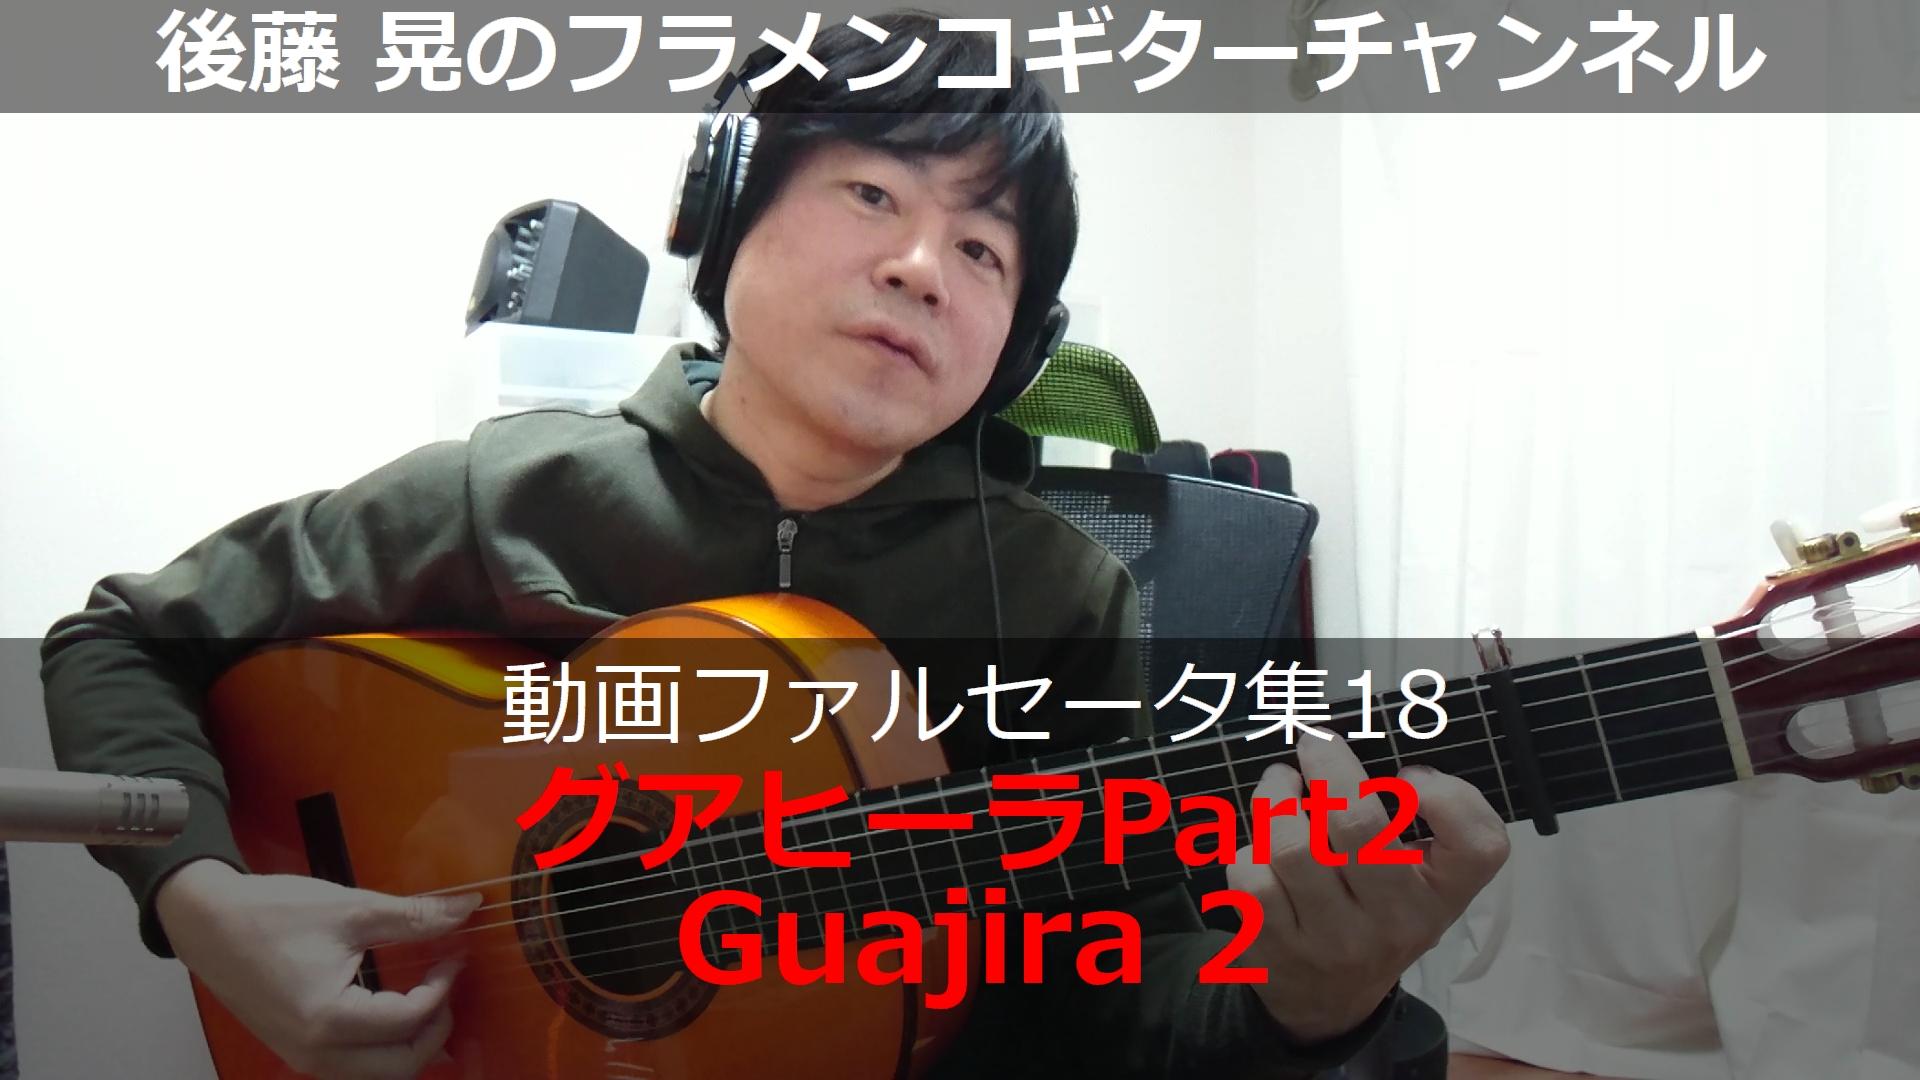 グアヒーラPart2